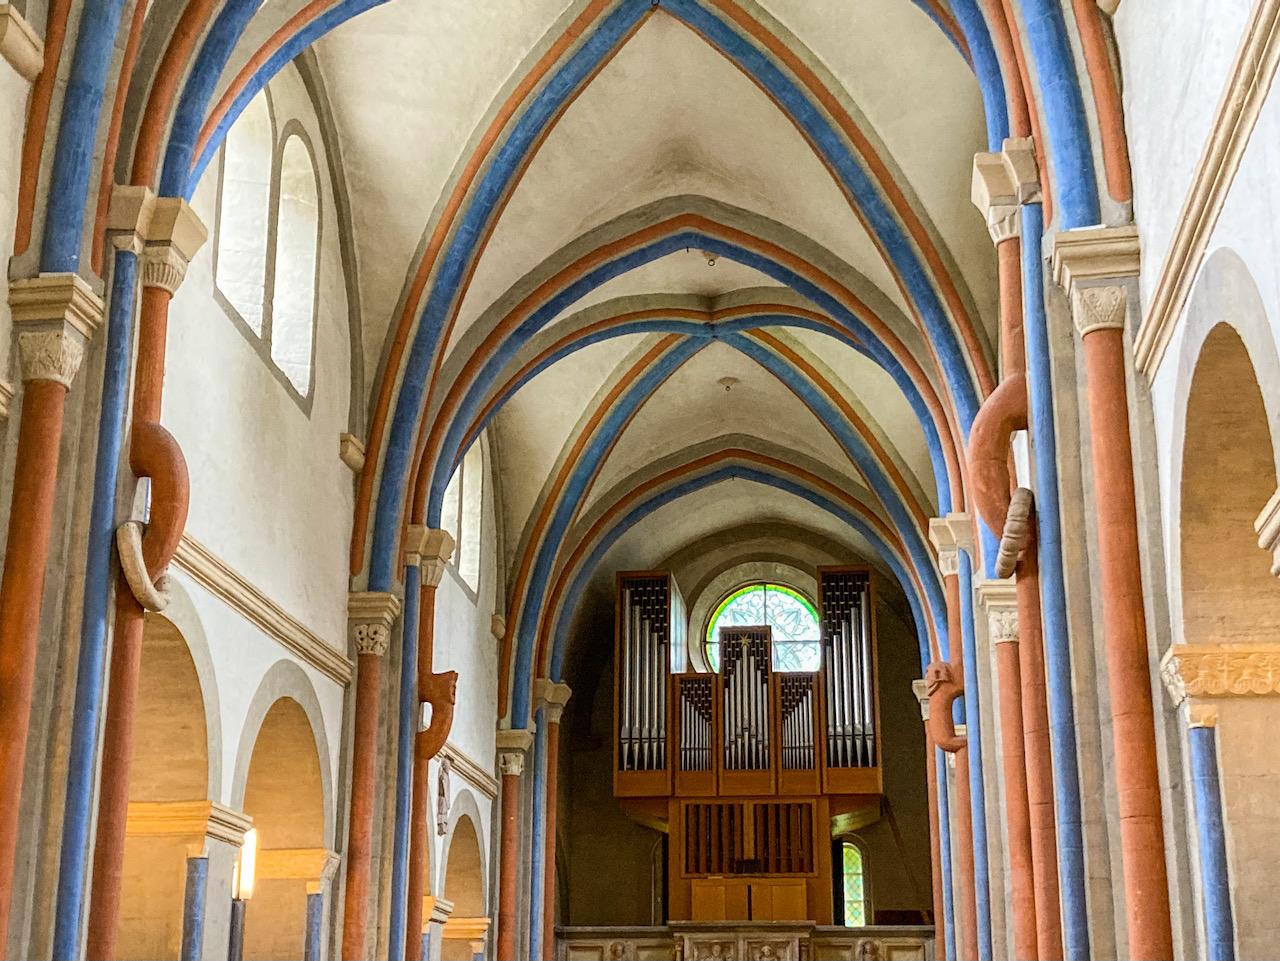 Innenansicht zur Orgelempore mit vorgewölbten Diensten